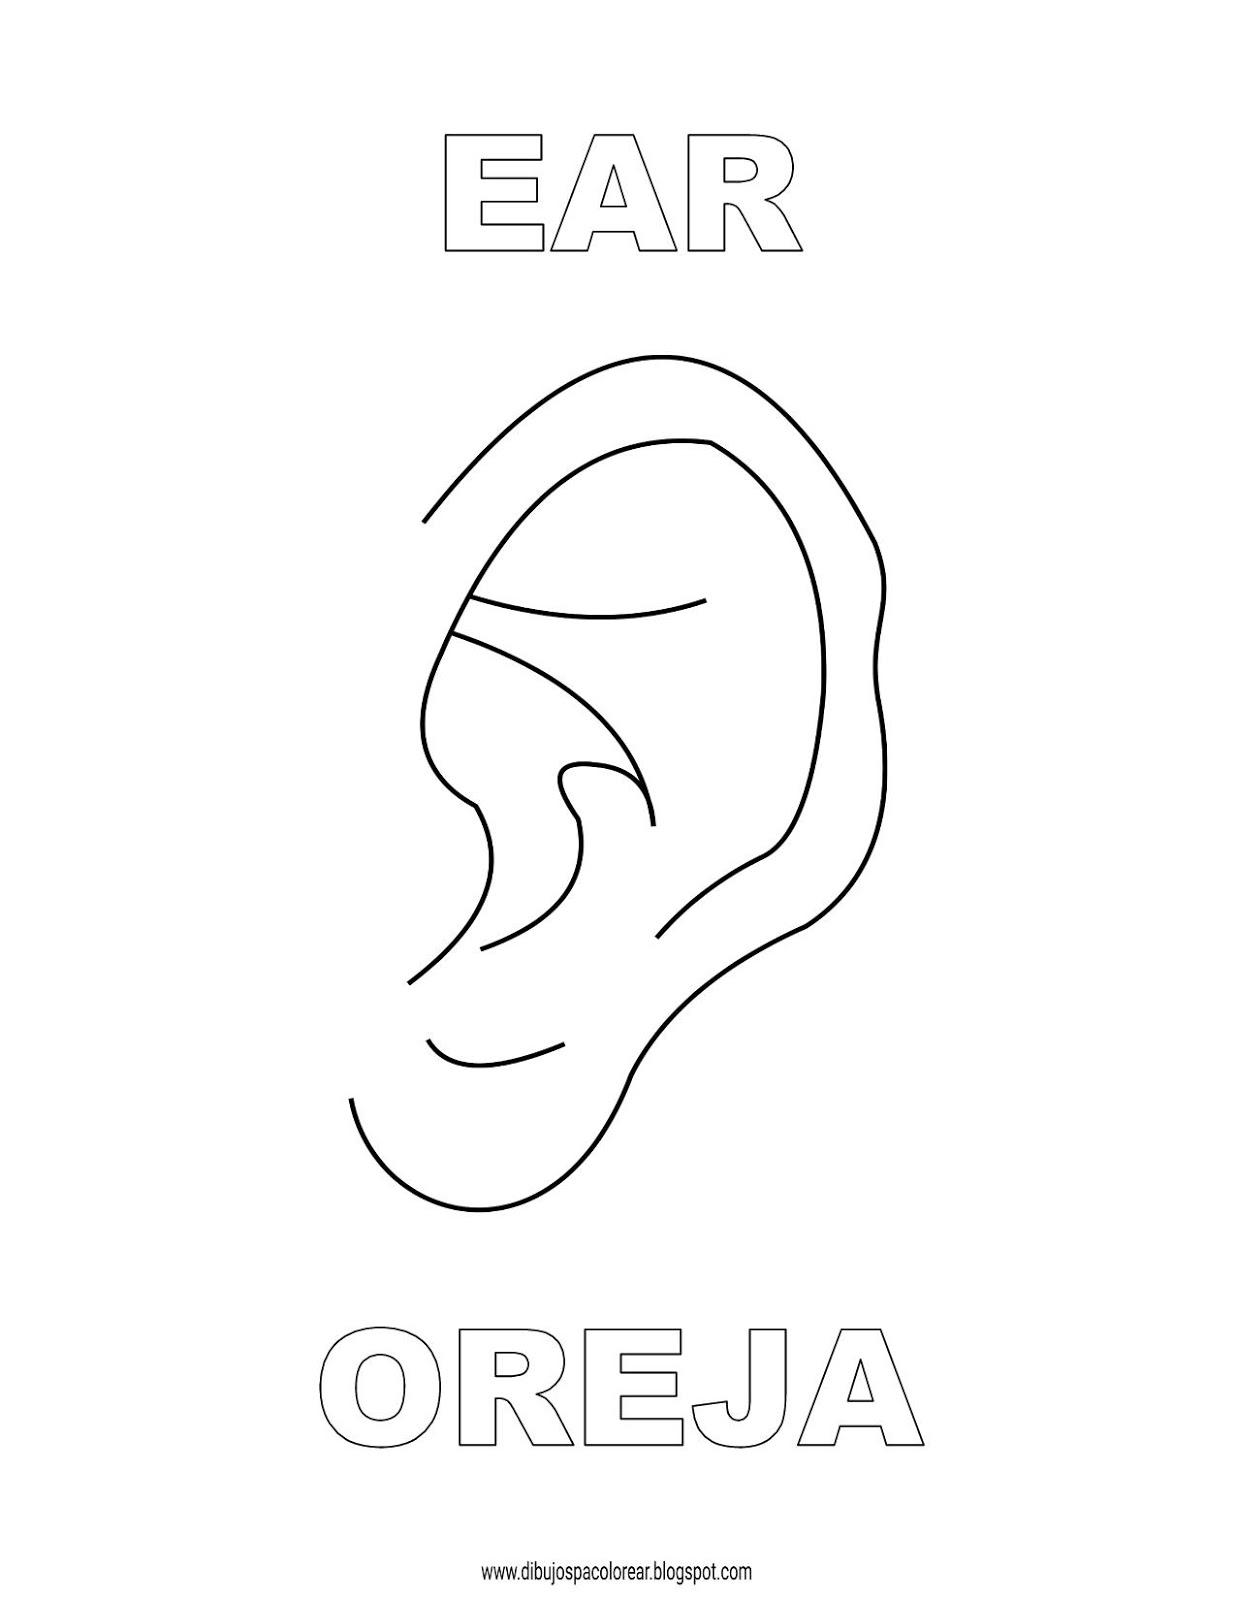 Dibujos Inglés Español Con O Oreja Ear Dibujospacolorear